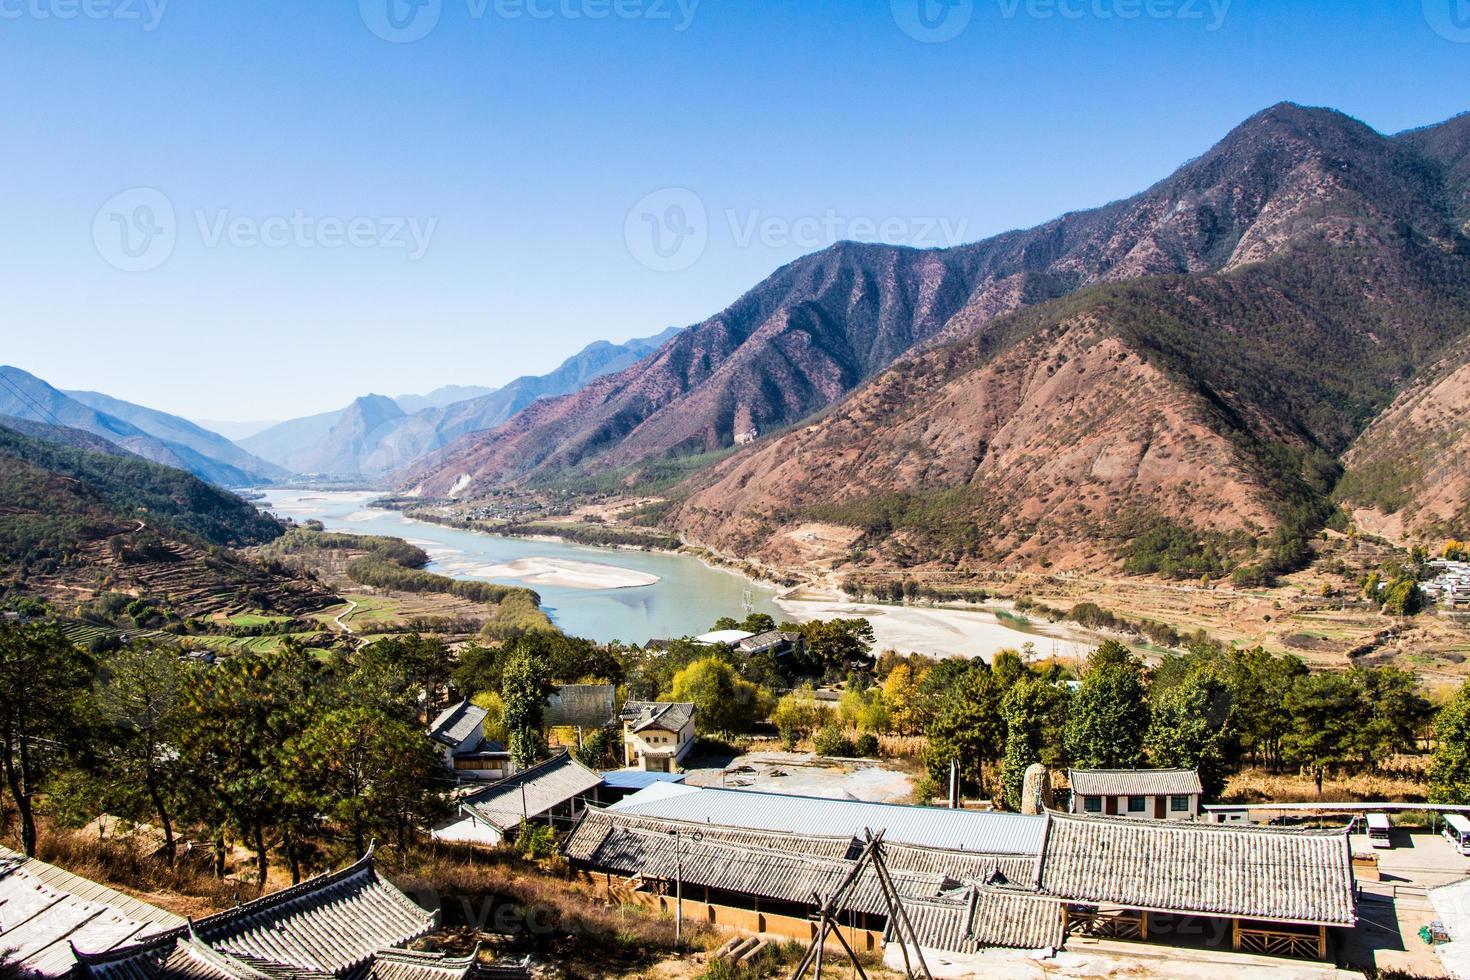 primera curva del río yangtze foto